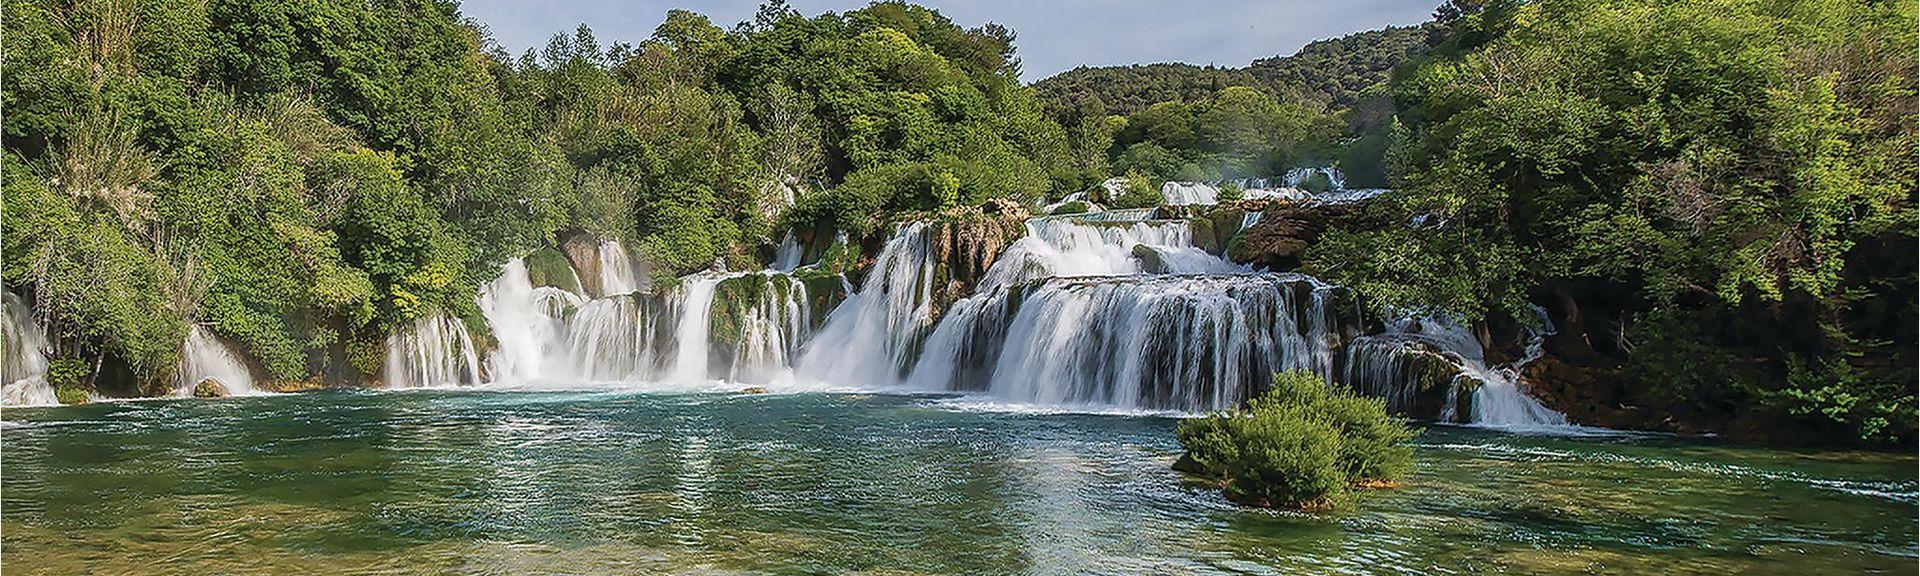 Bićine, Comitat de Šibenik-Knin, Croatie